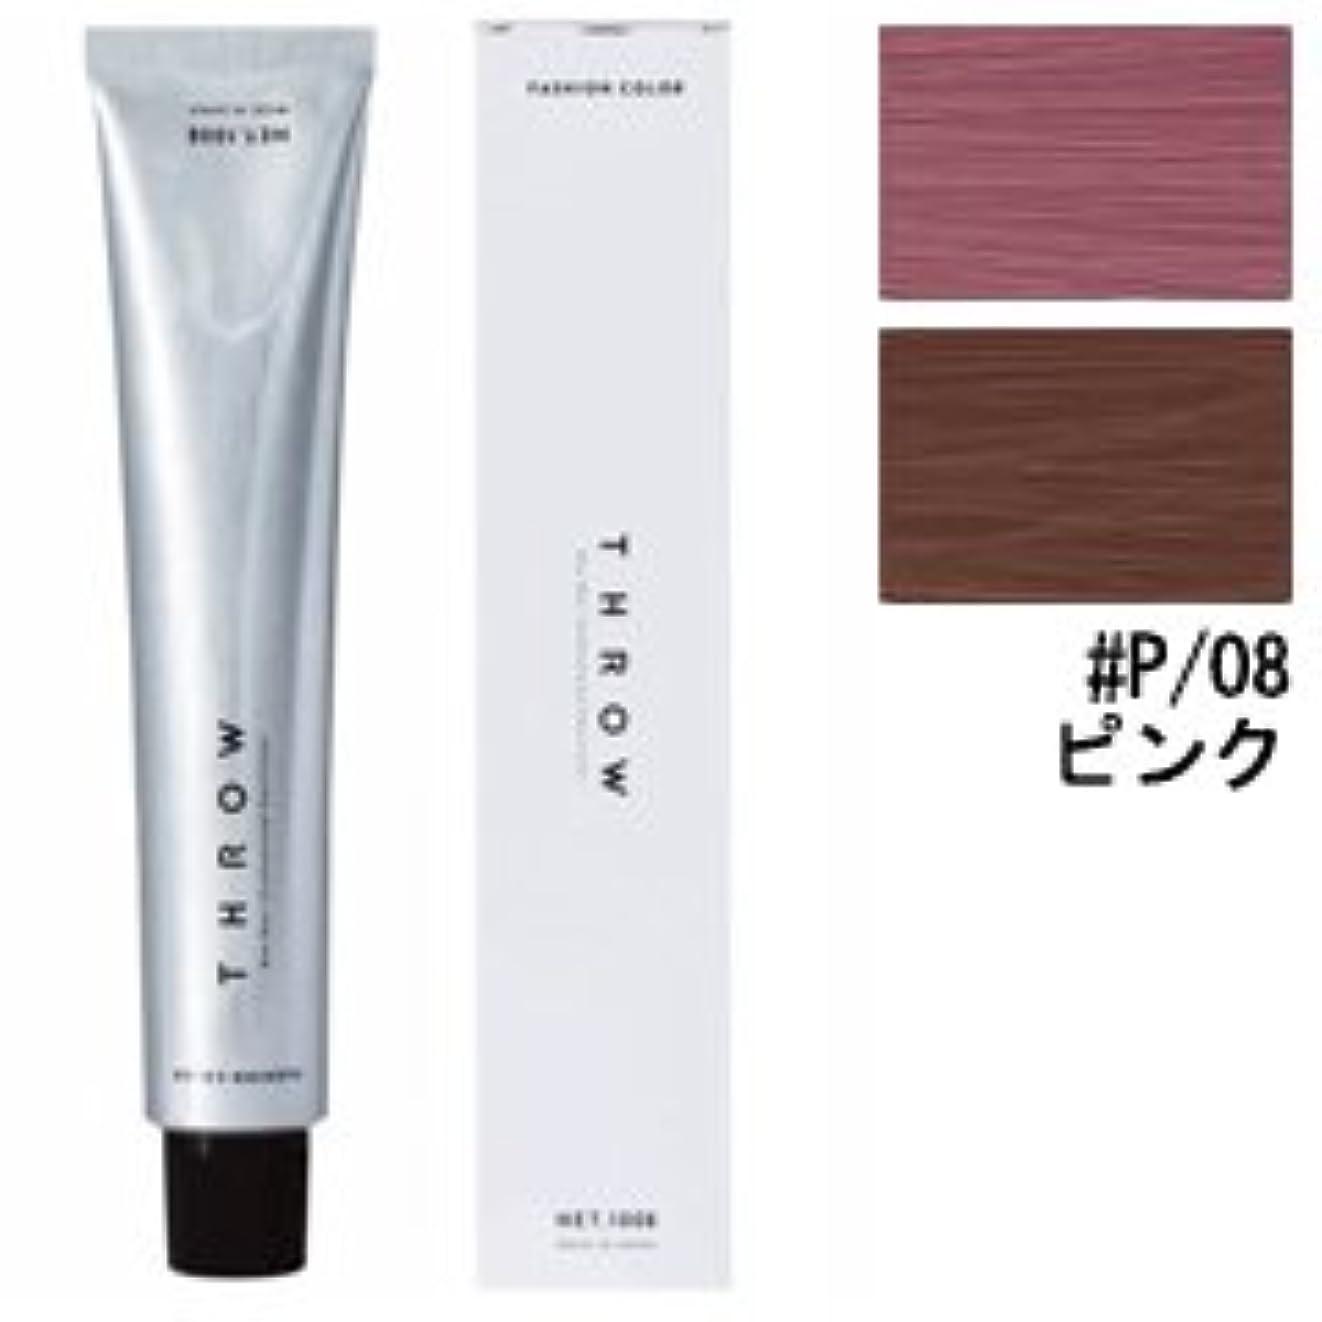 訴えるホット実現可能性【モルトベーネ】スロウ ファッションカラー #P/08 ピンク 100g